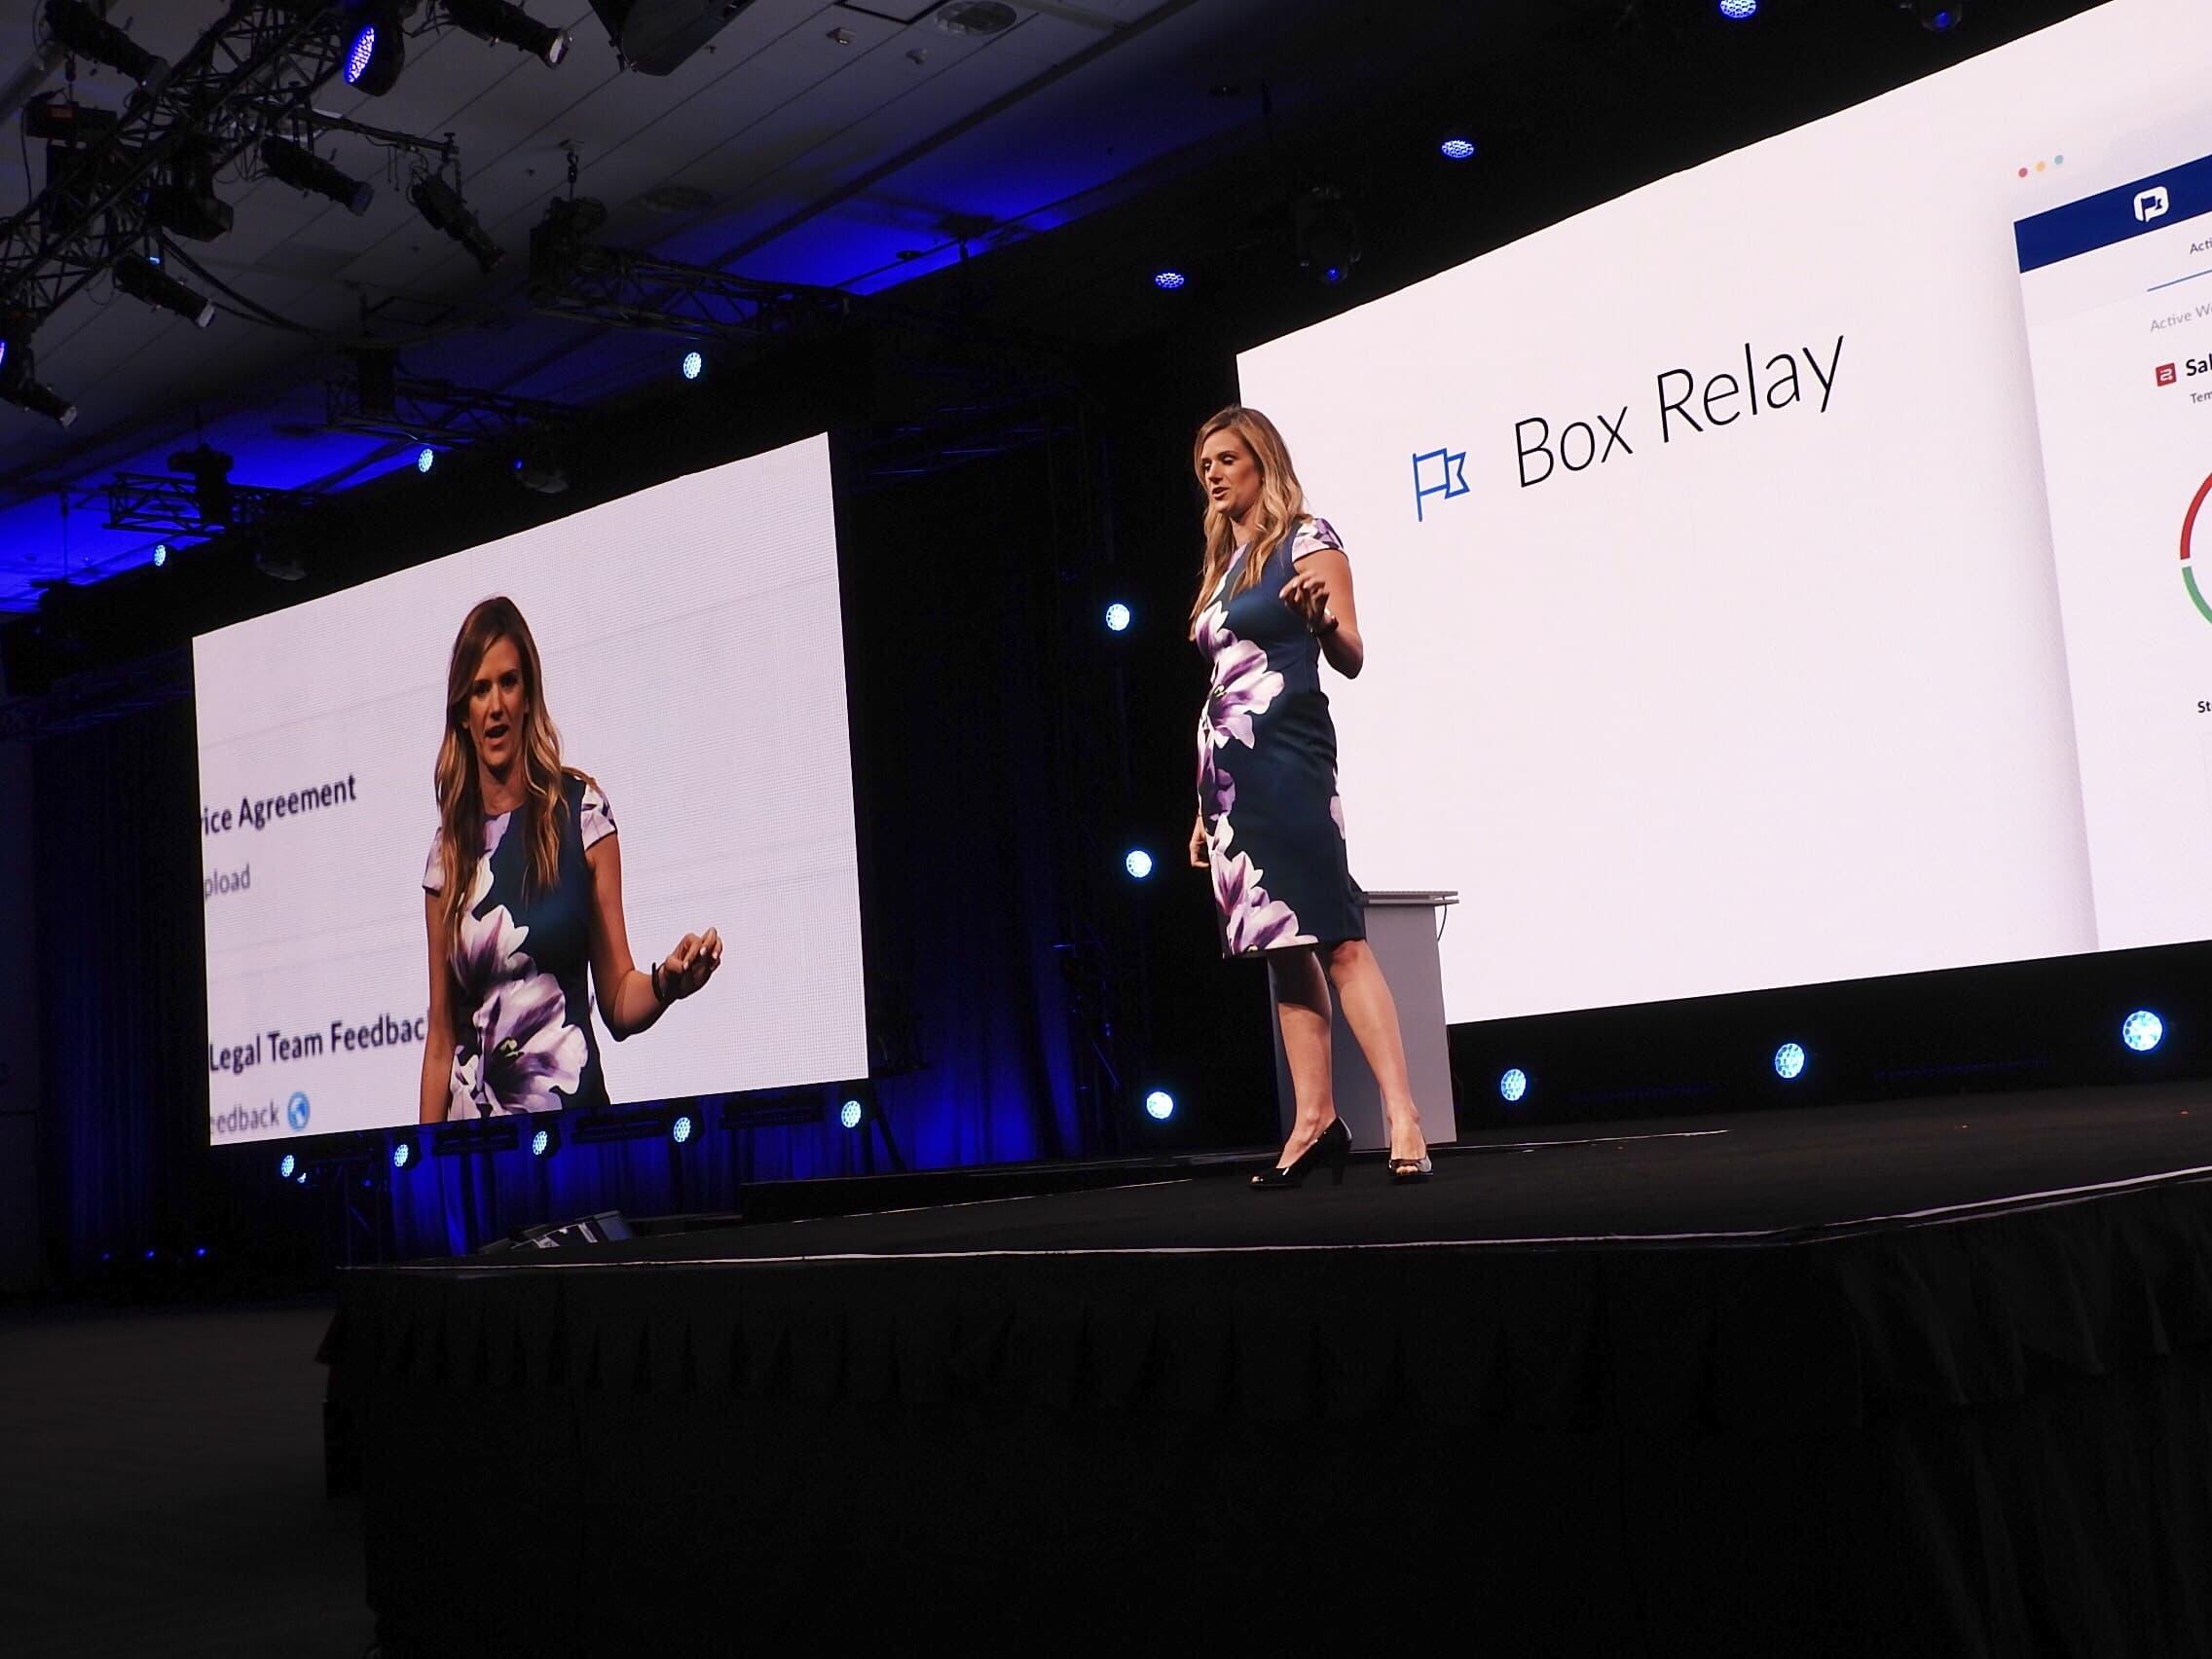 レビュー・承認をさらに効率化!【Box Relay】の「ワークフロー」